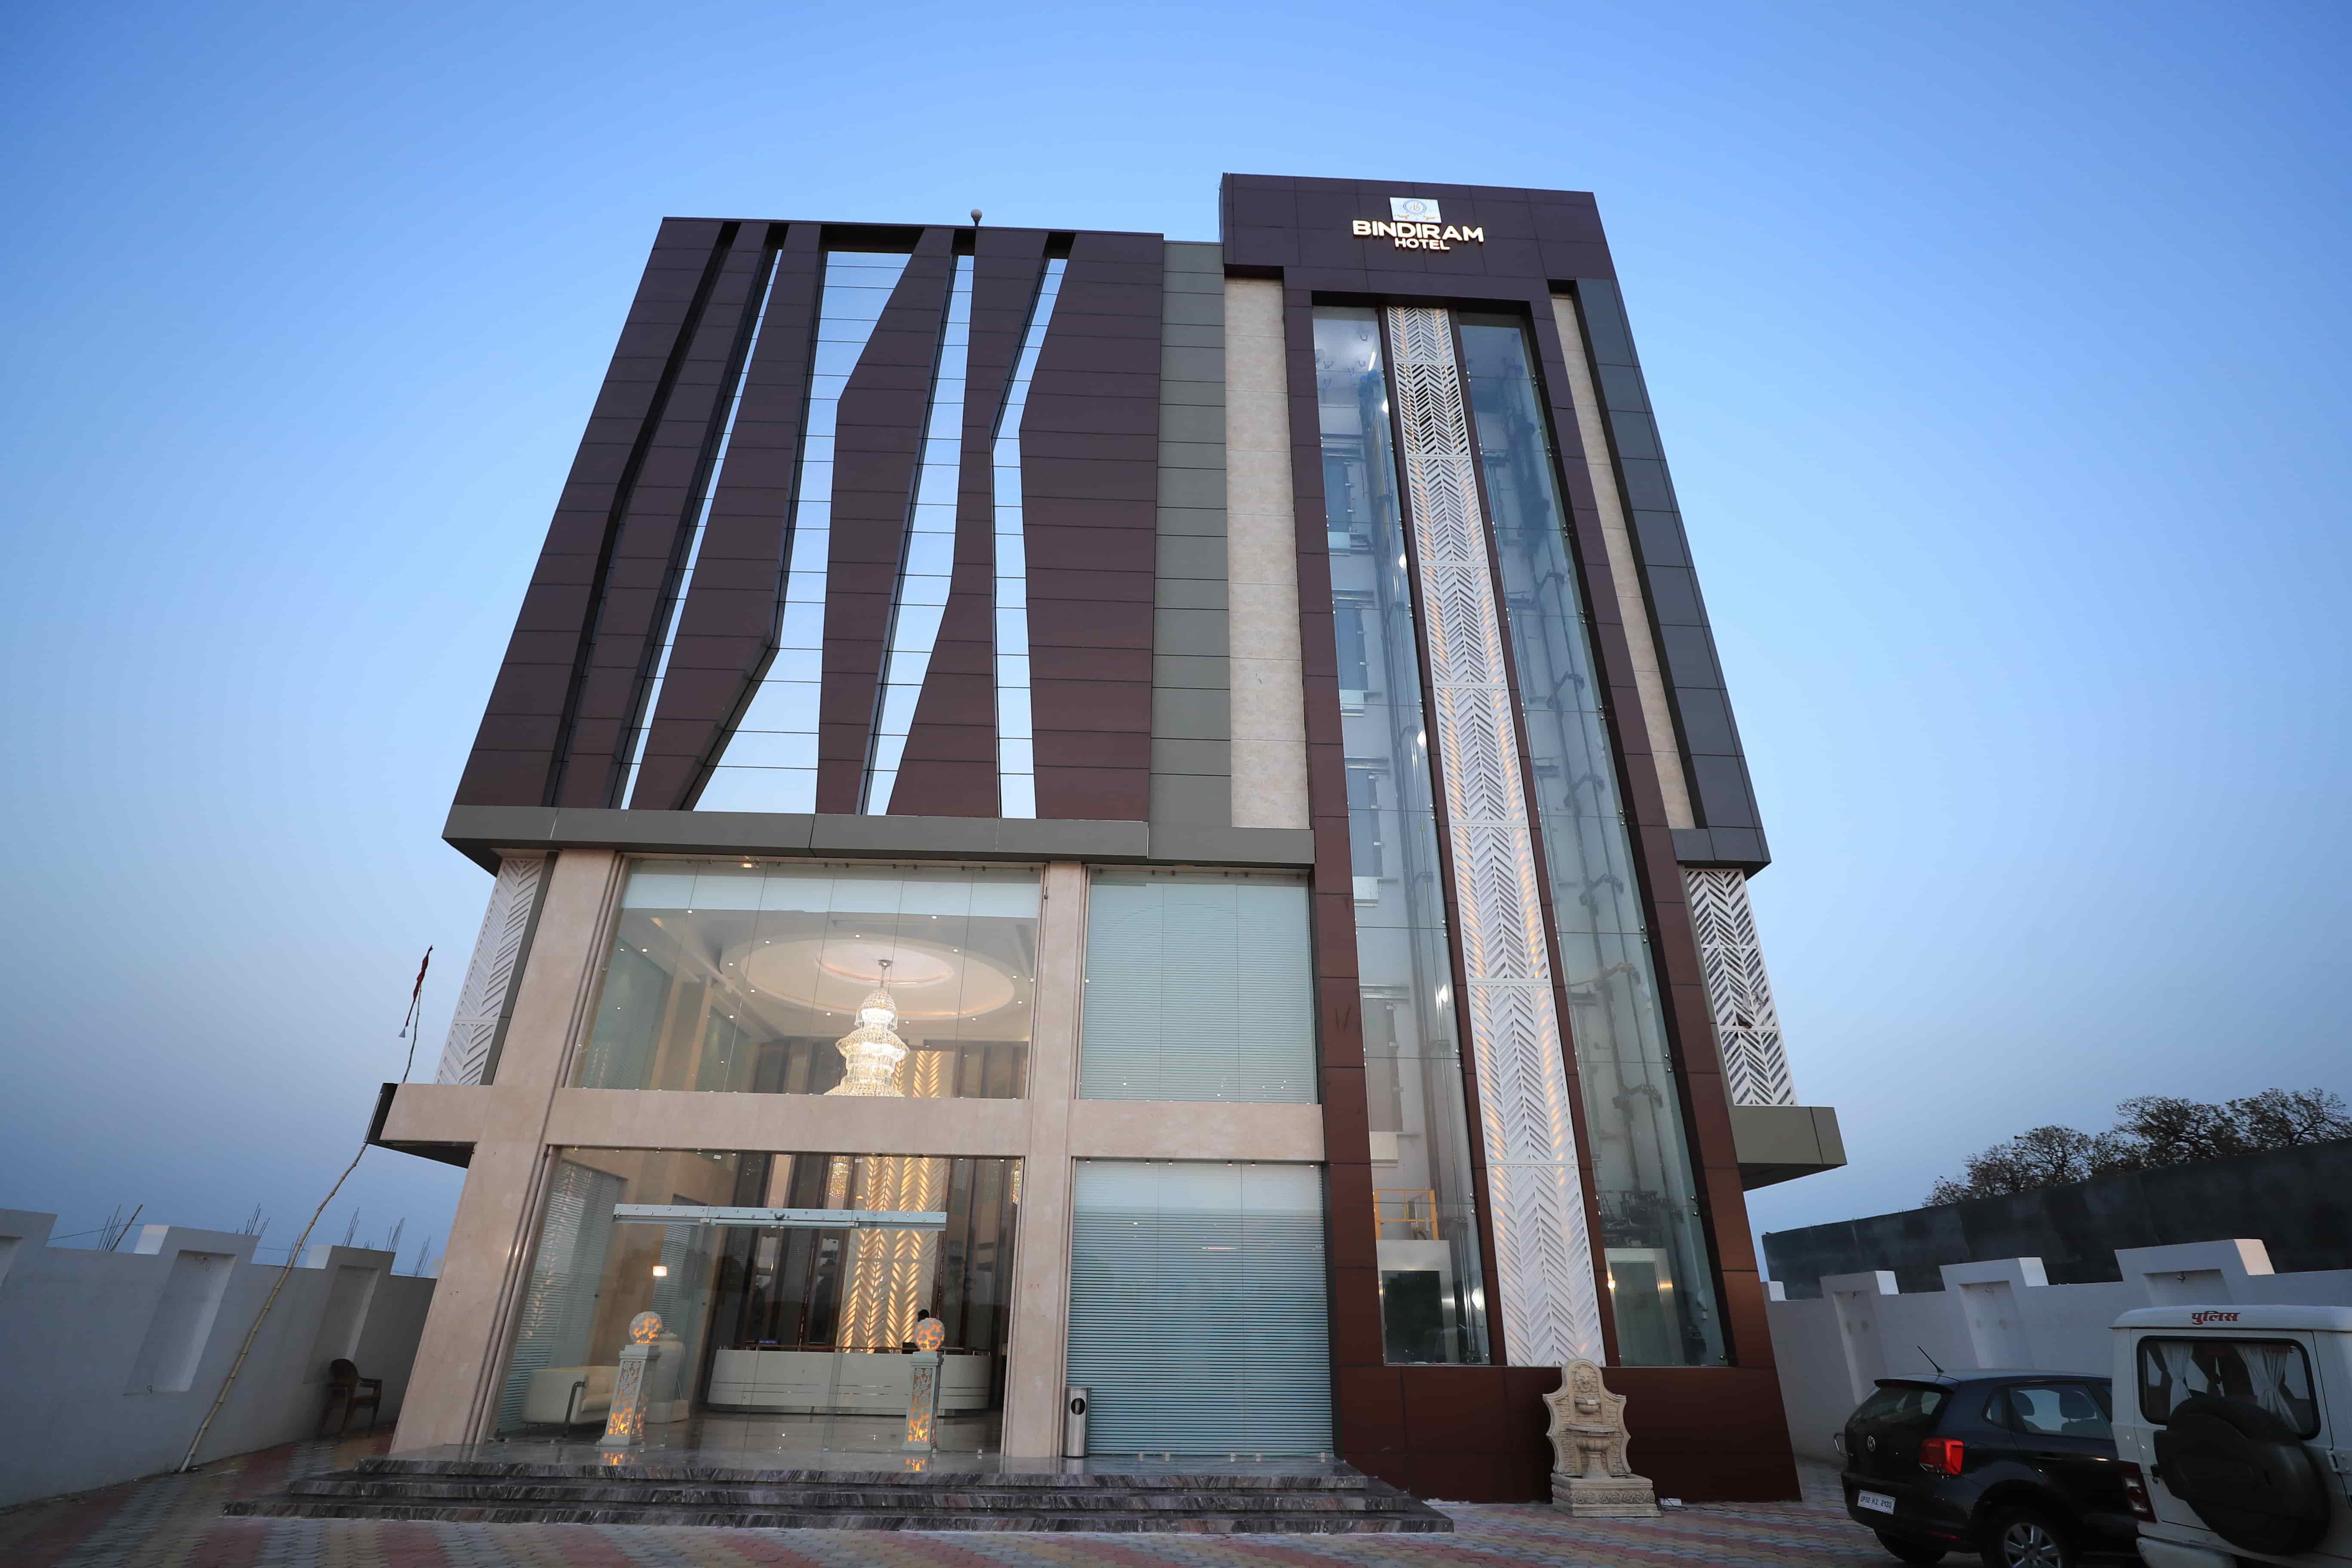 Bindiram Hotel